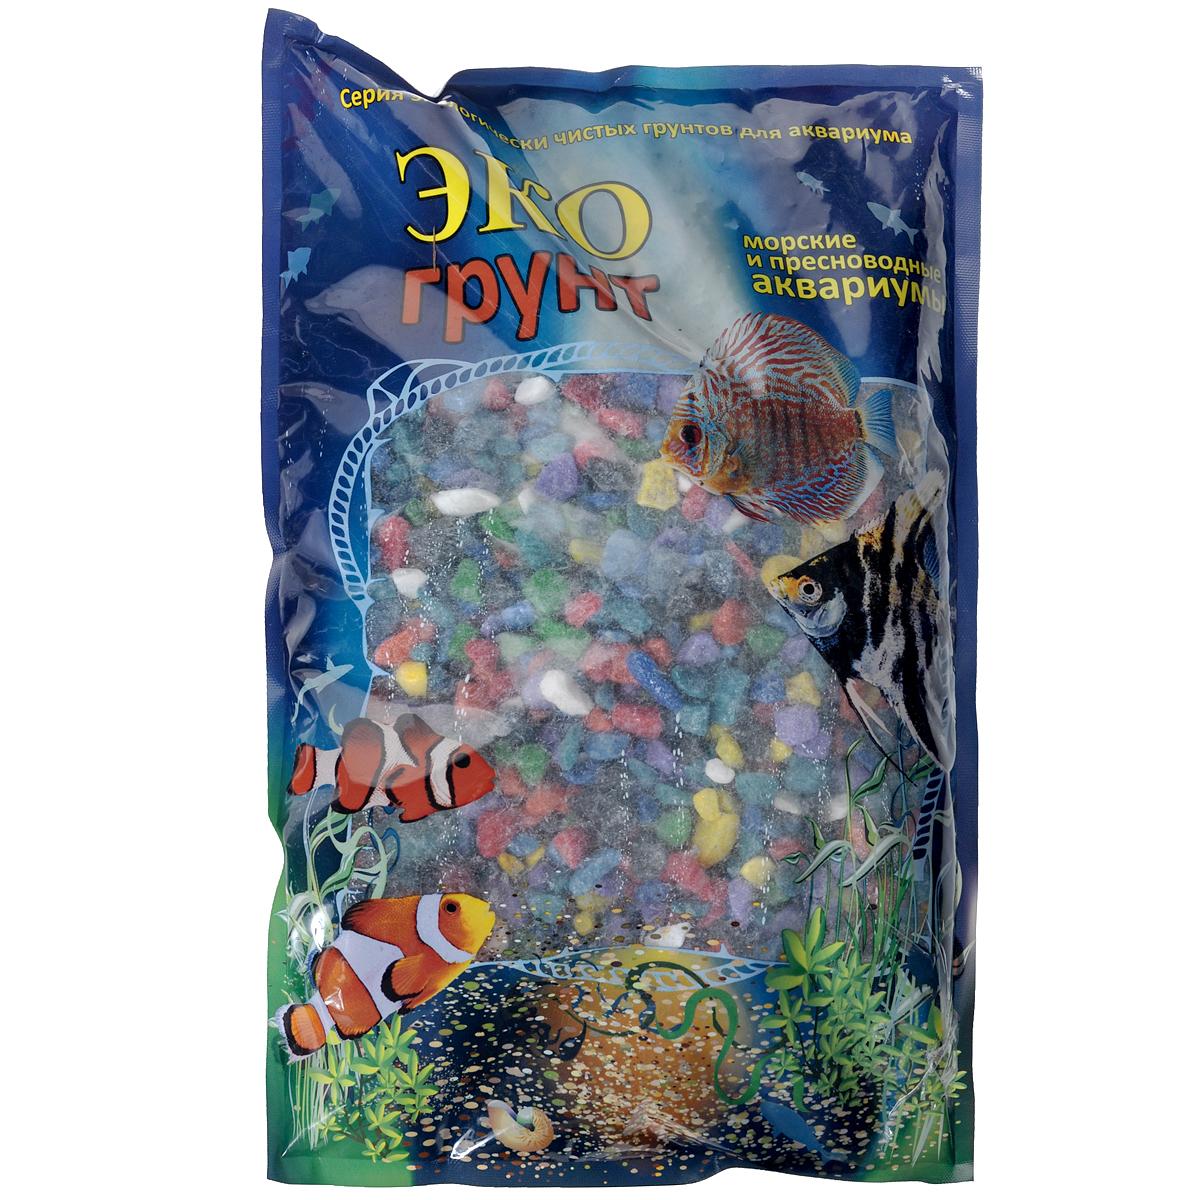 Мраморная крошка ЭКО грунт, для аквариумов, цвет: мульти, 5-10 мм, 3,5 кгг-0267Грунт Эко Грунт представлен в качественной евроупаковке. Технологии производства включают и добычу камня, его калибровку по фракциям, мойку, сушку и термическую обработку. Грунт полностью готов для прямого использования как в морских, так и пресноводных аквариумах и полностью безопасен для рыб и рептилий. Прекрасно подходит для создания уникальных декоративных композиций дома, на даче, в любом месте.